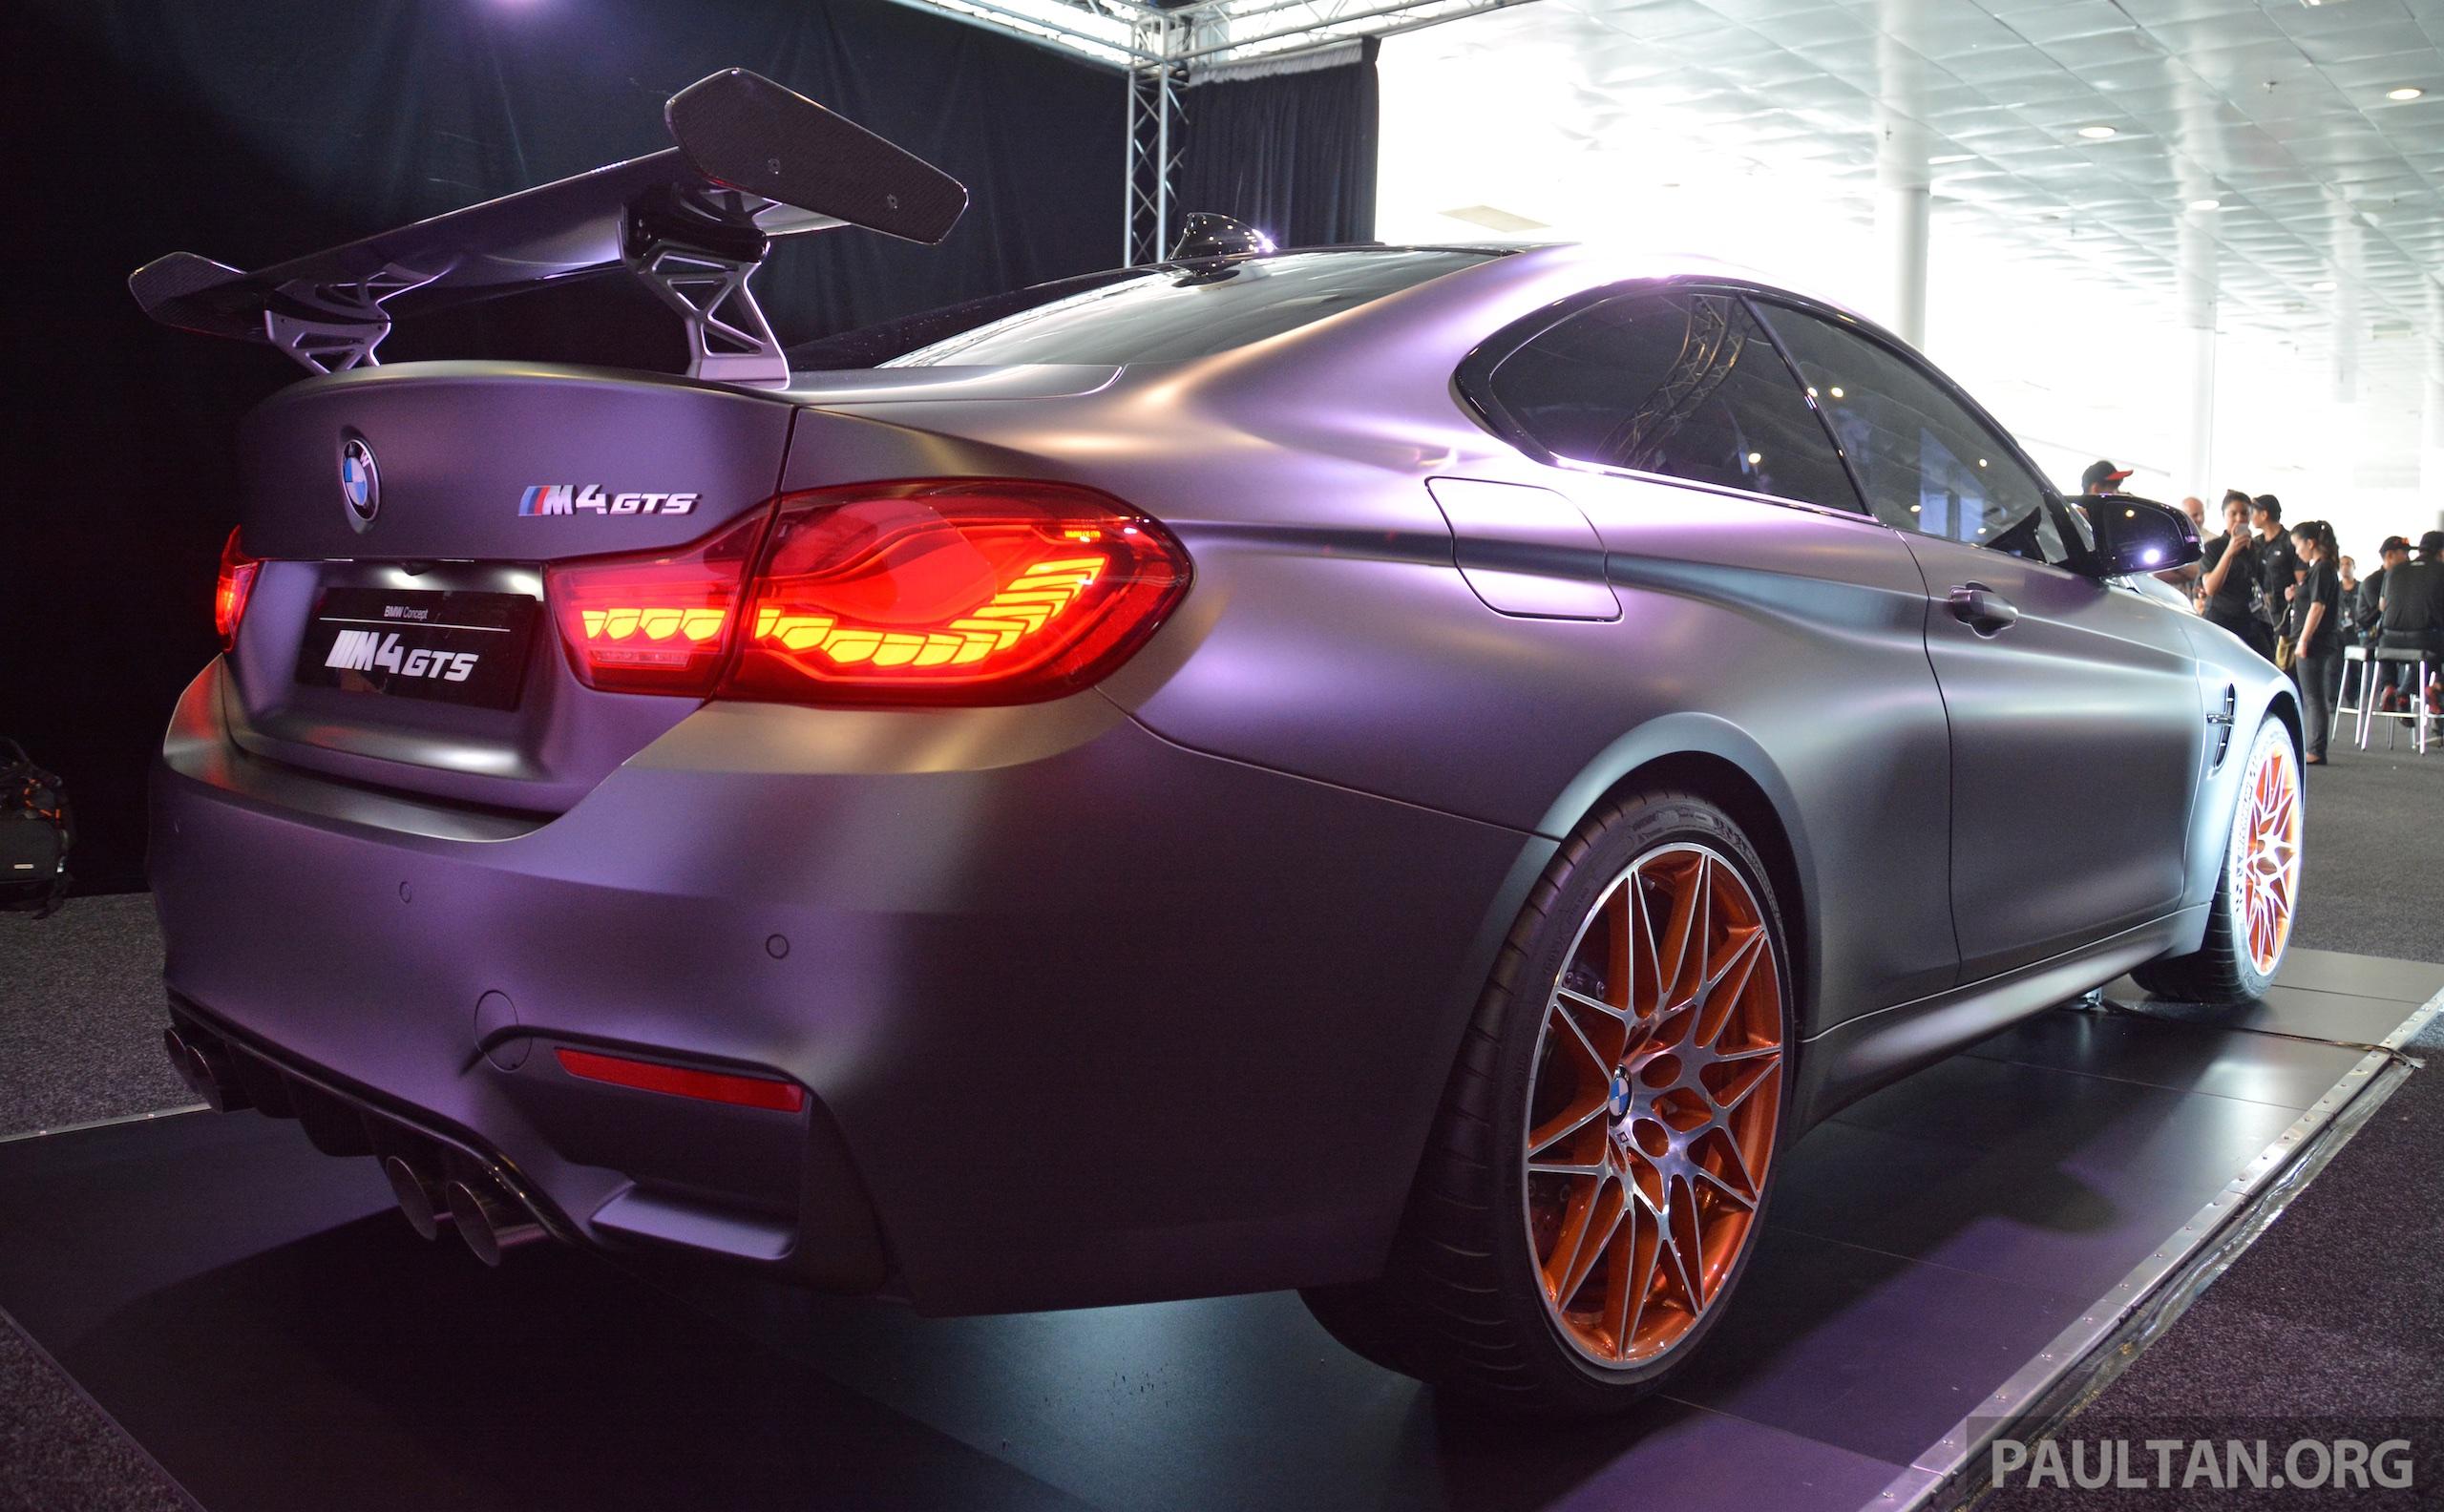 Bmw Concept M4 Gts On Display In Malaysia Paul Tan Image 381569